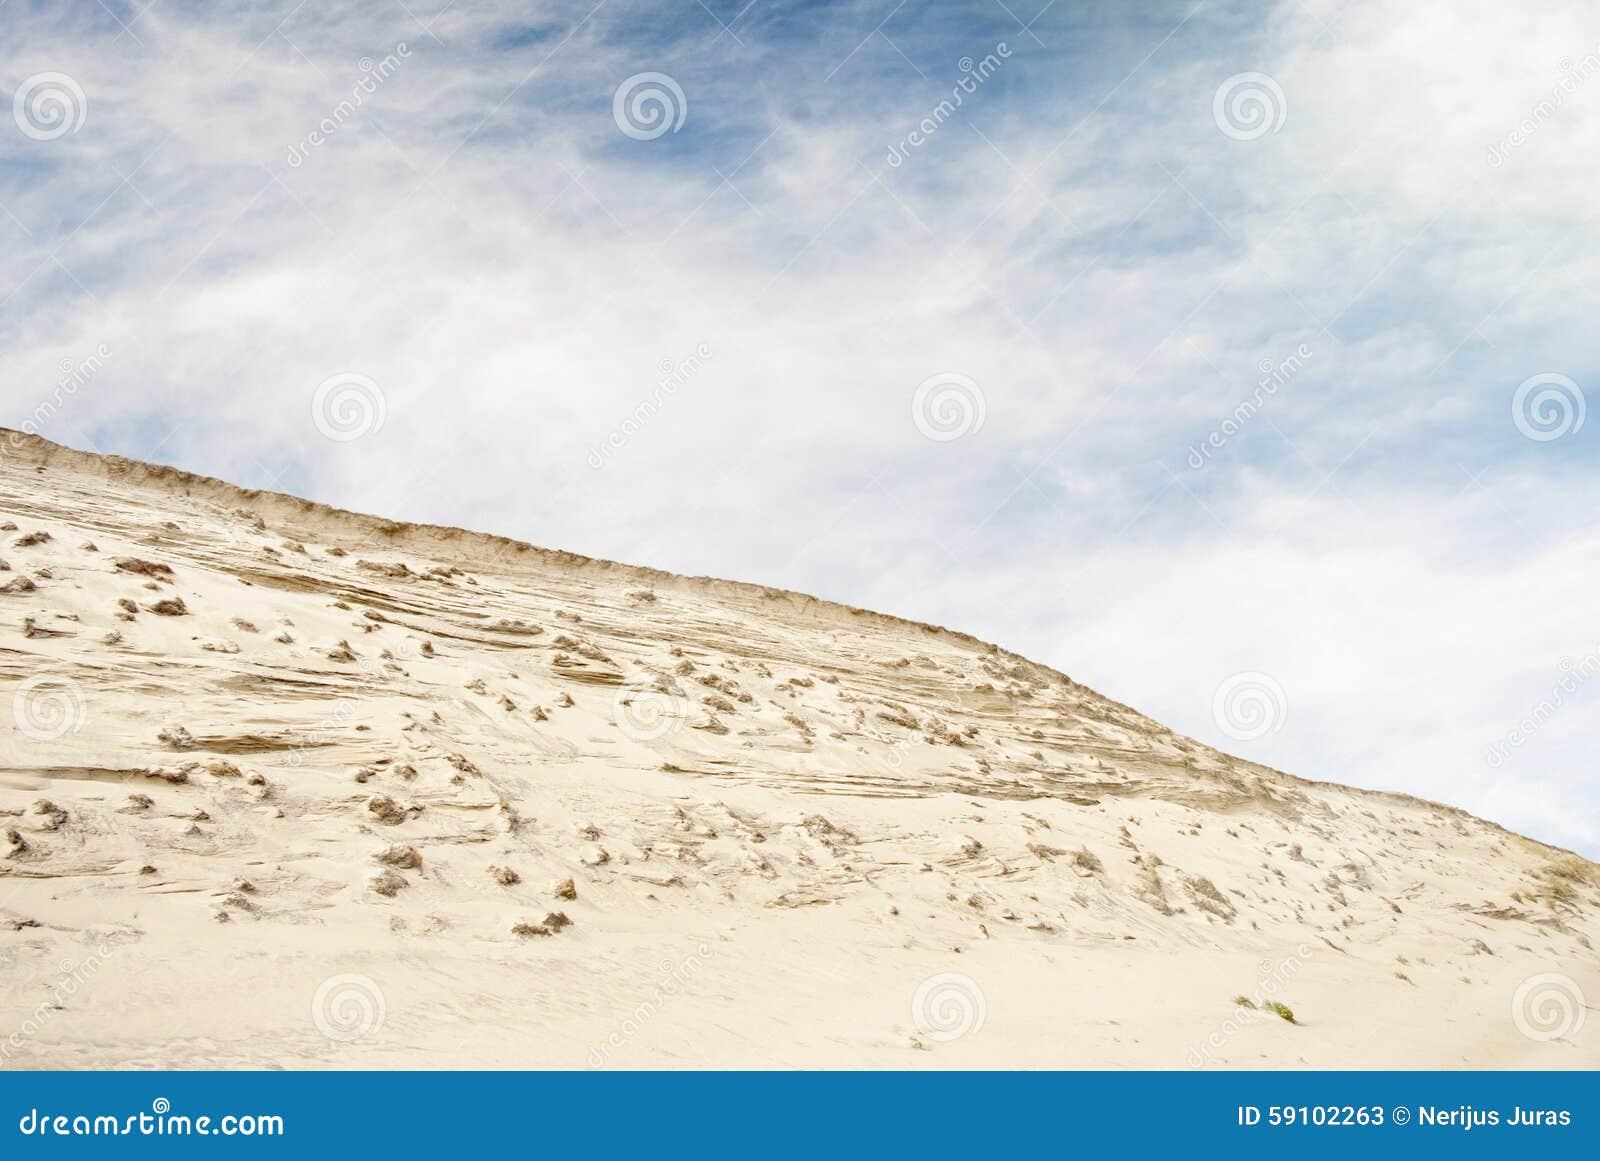 沙丘和蓝天